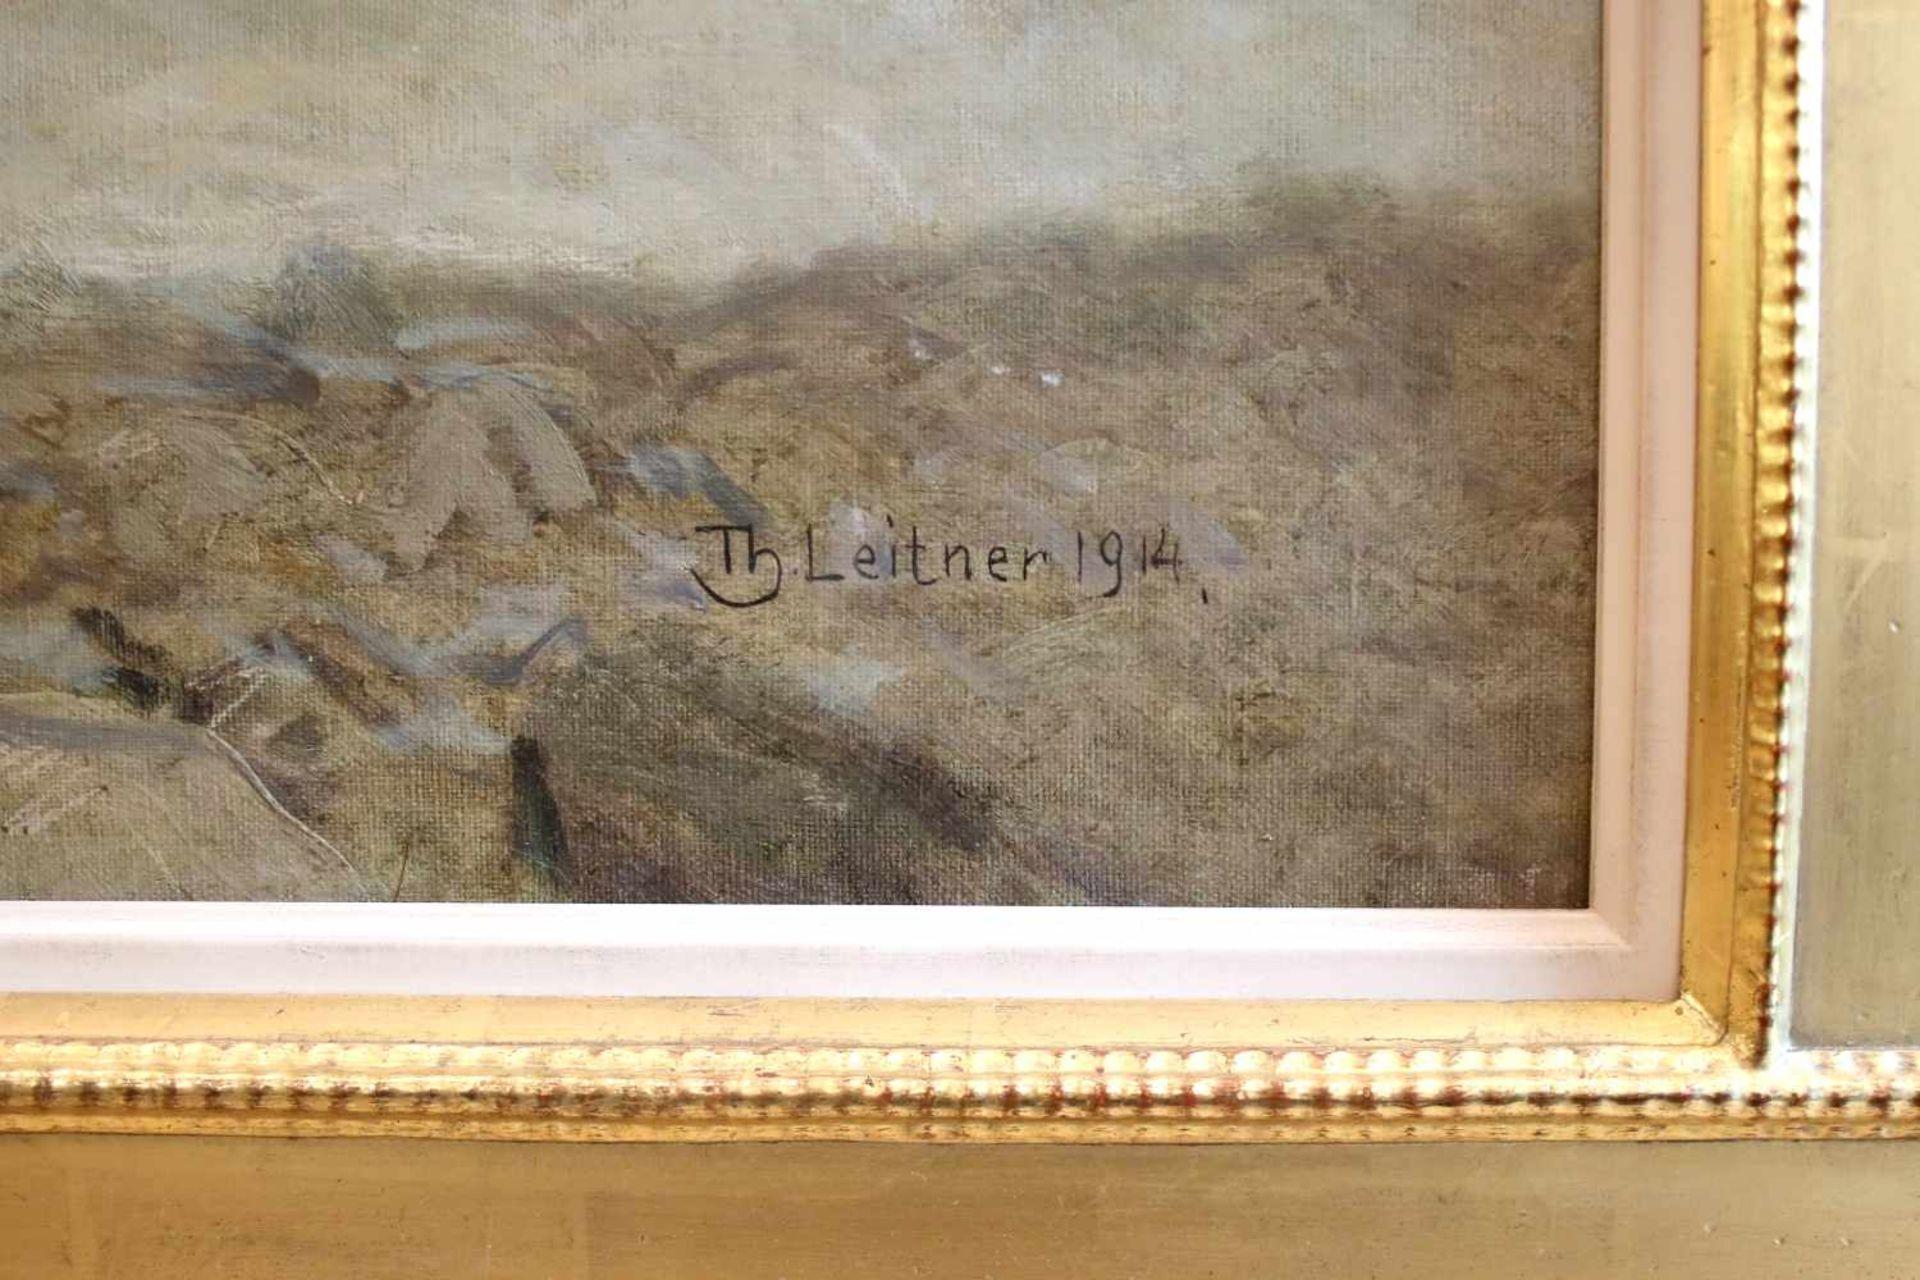 Thomas Leitner (1876 - 1948) Küste vor Triest 1914 Öl auf Leinwand Signiert, datiert und betitelt - Bild 2 aus 3